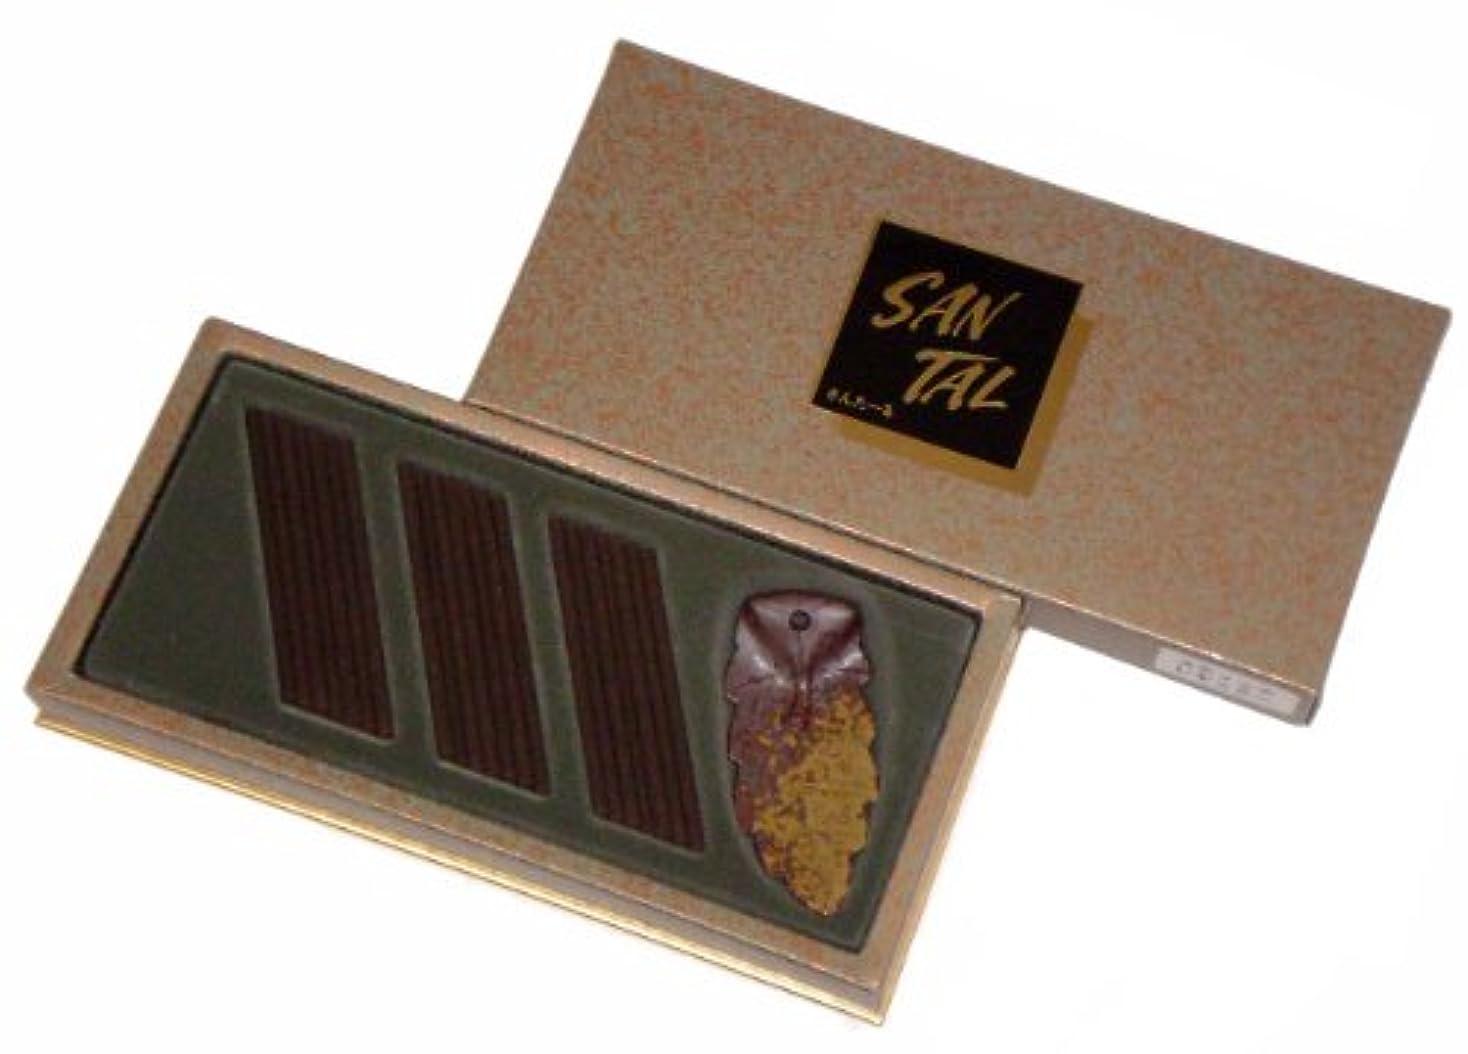 気体の瞑想的もっともらしい玉初堂のお香 サンタール スティックレギュラーセット #5212